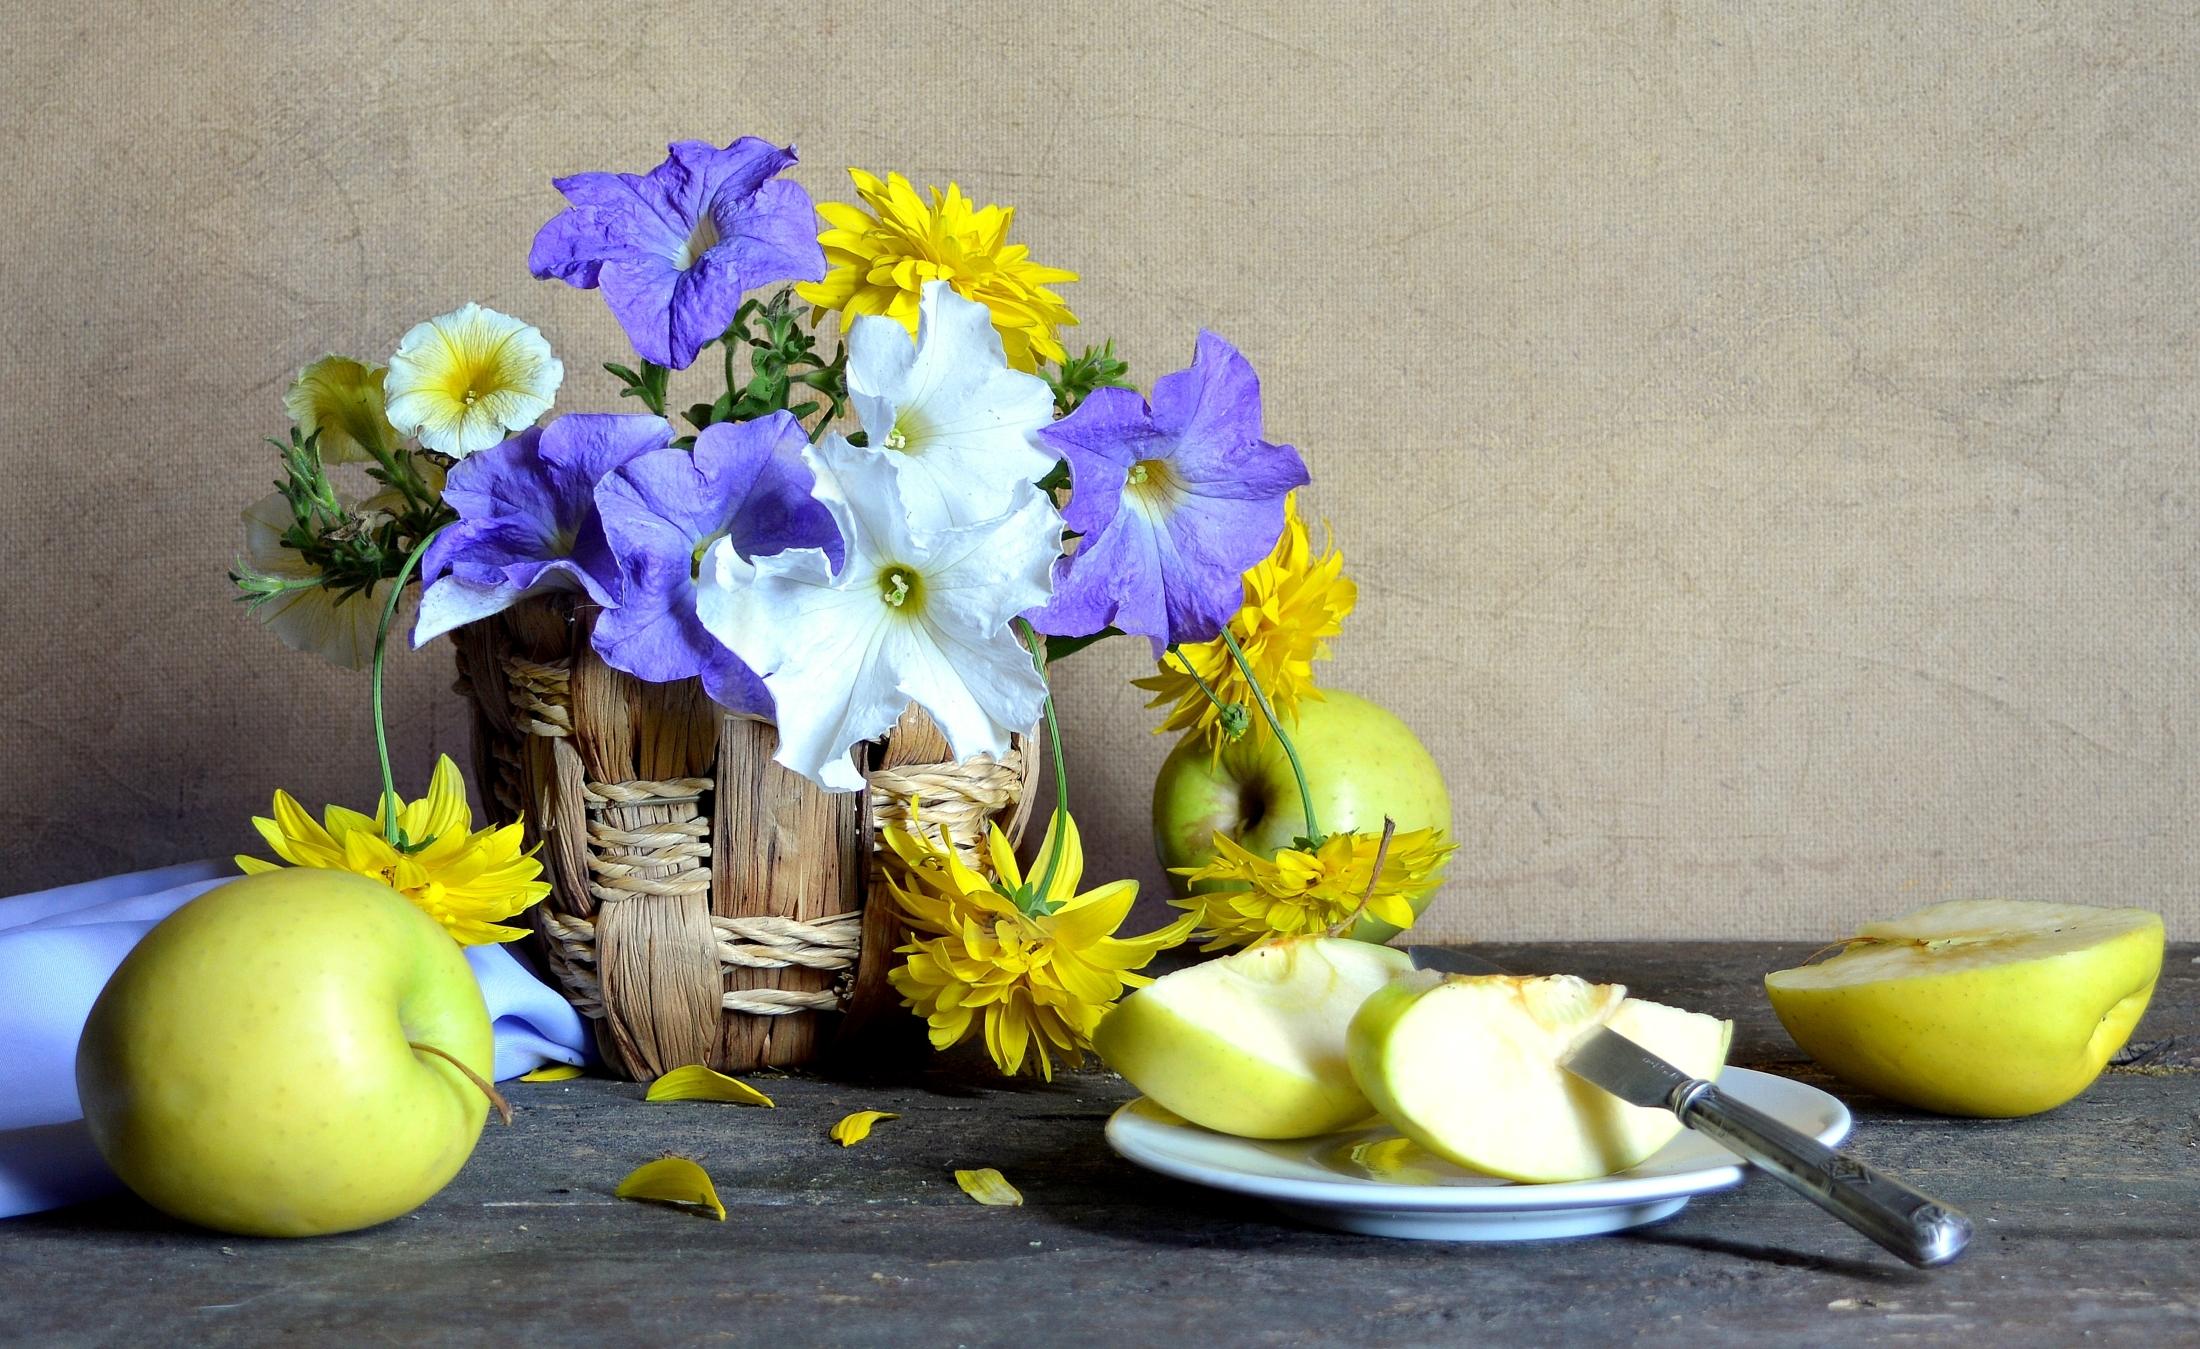 картинки с фруктами и цветами фото бренды италии соревнуются